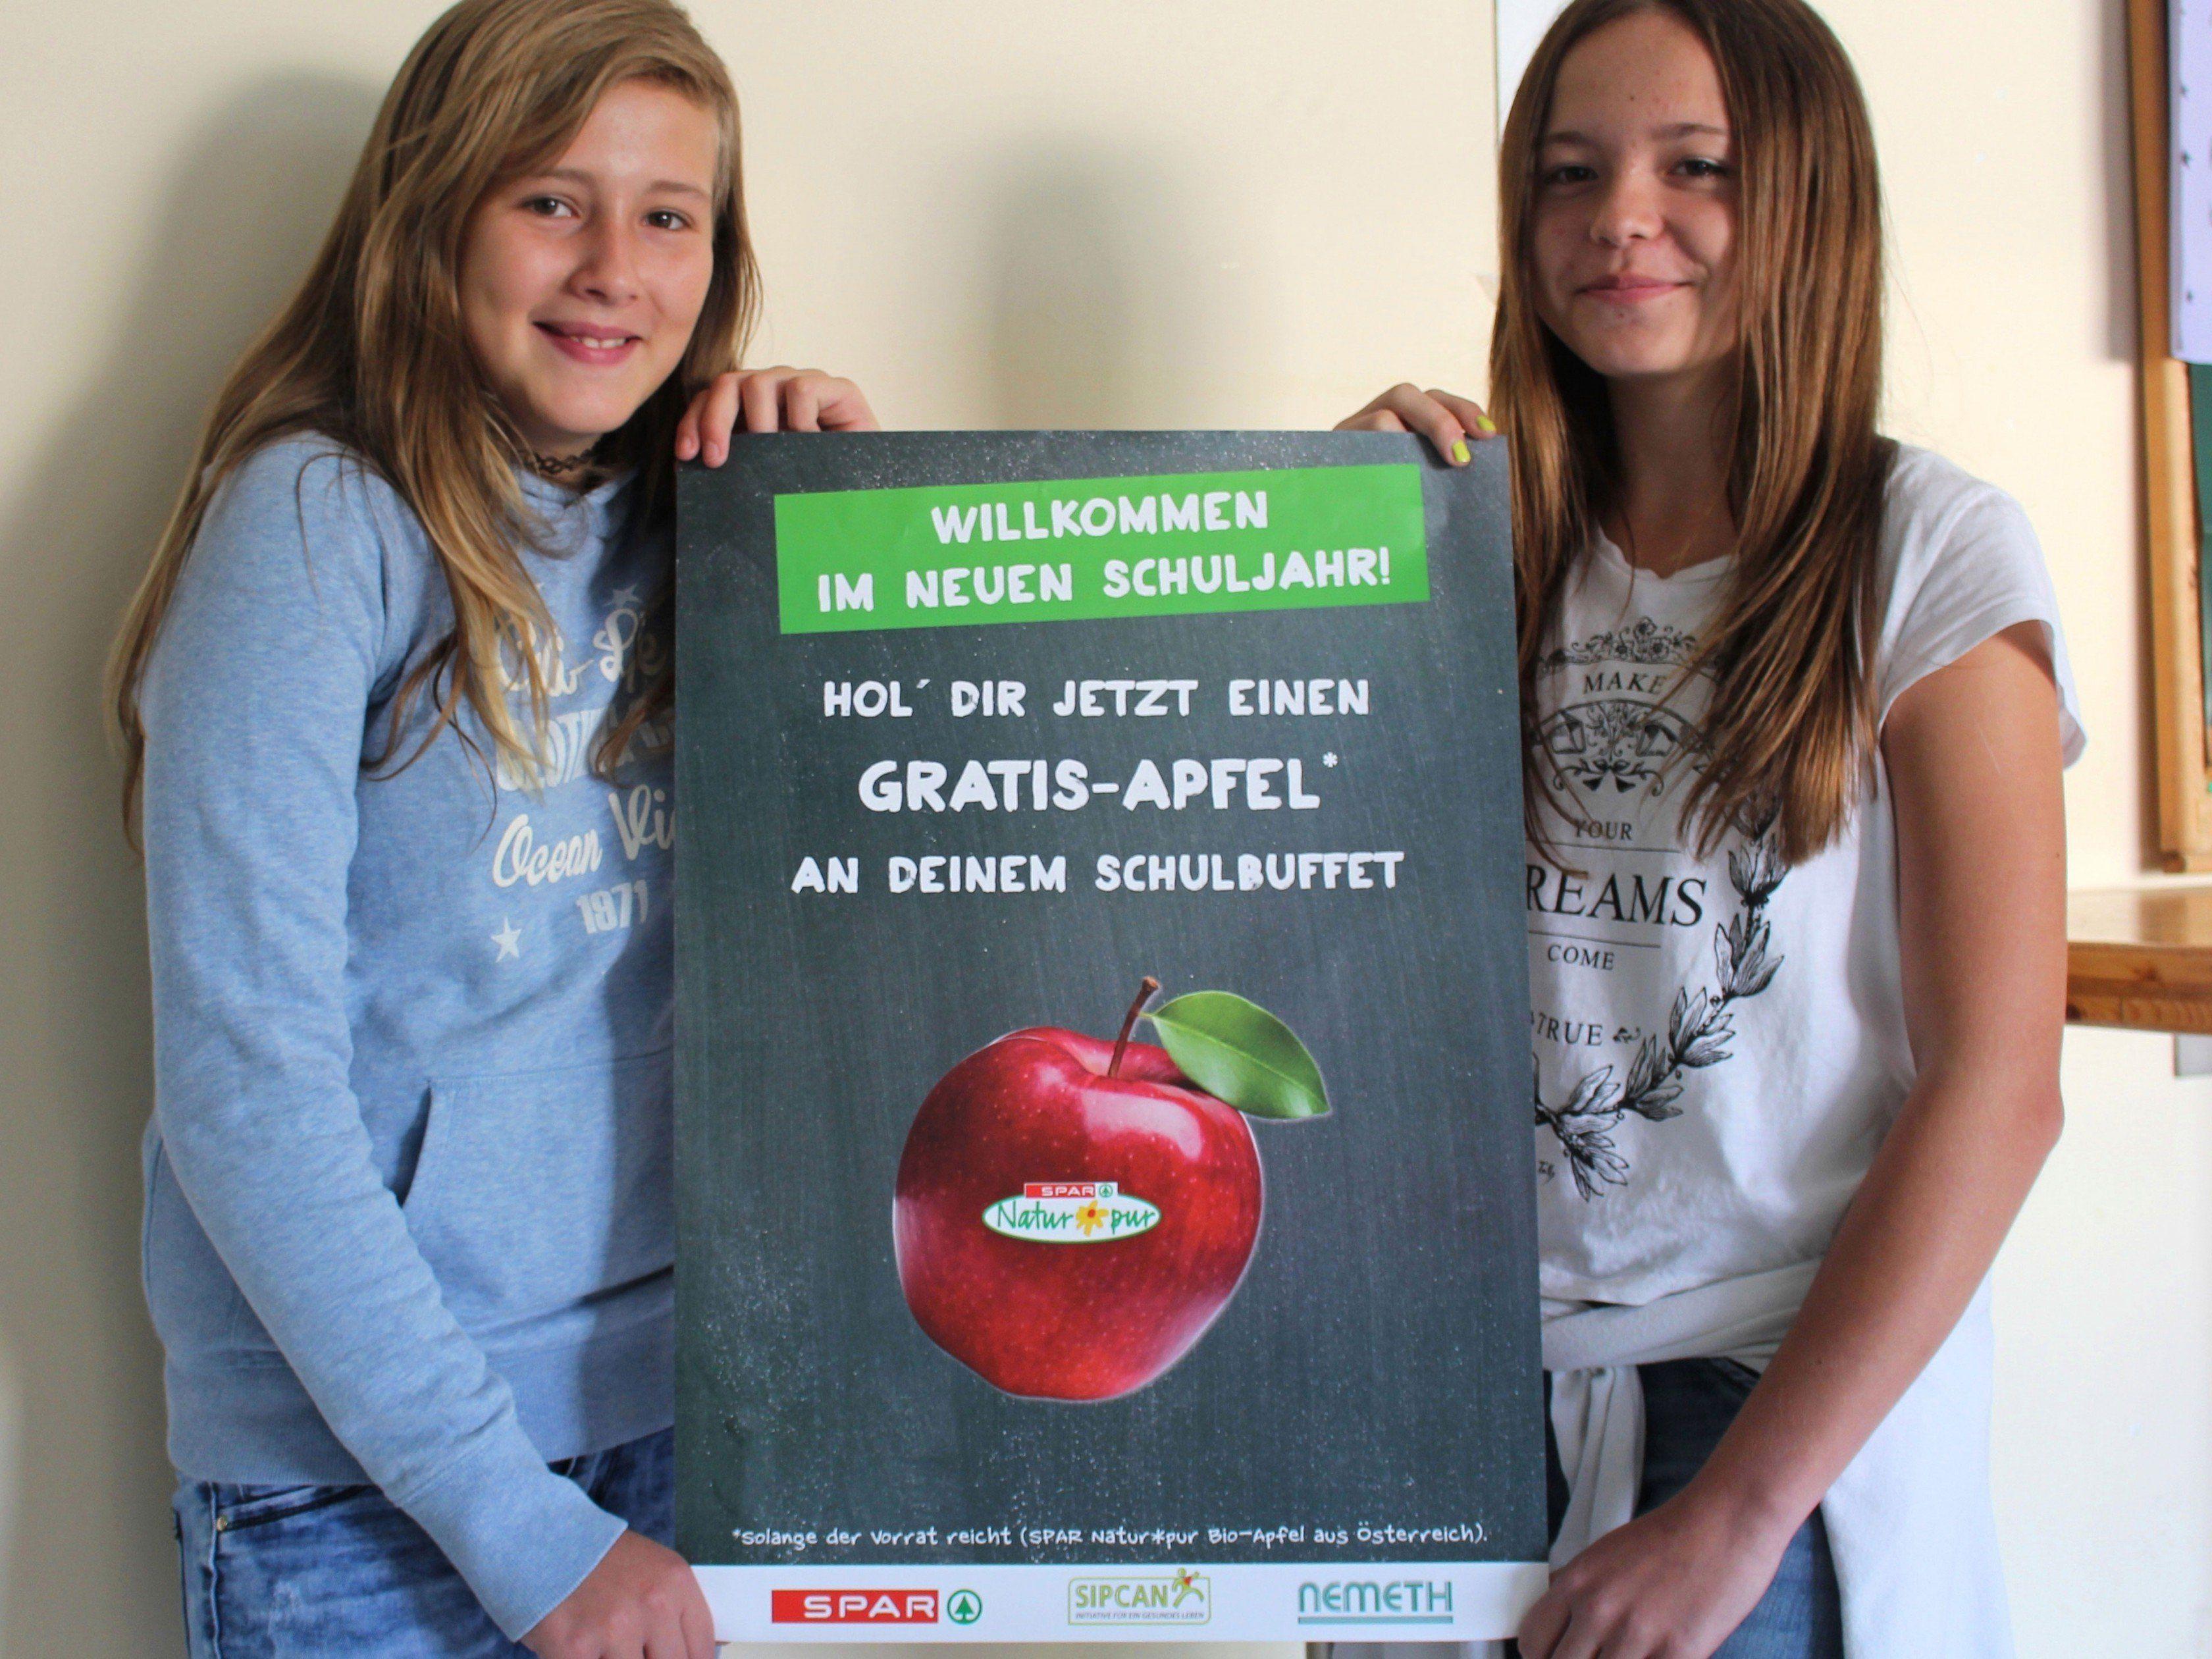 Der gratis Apfel soll Wiens Schüler zu mehr Obstkonsum bewegen.